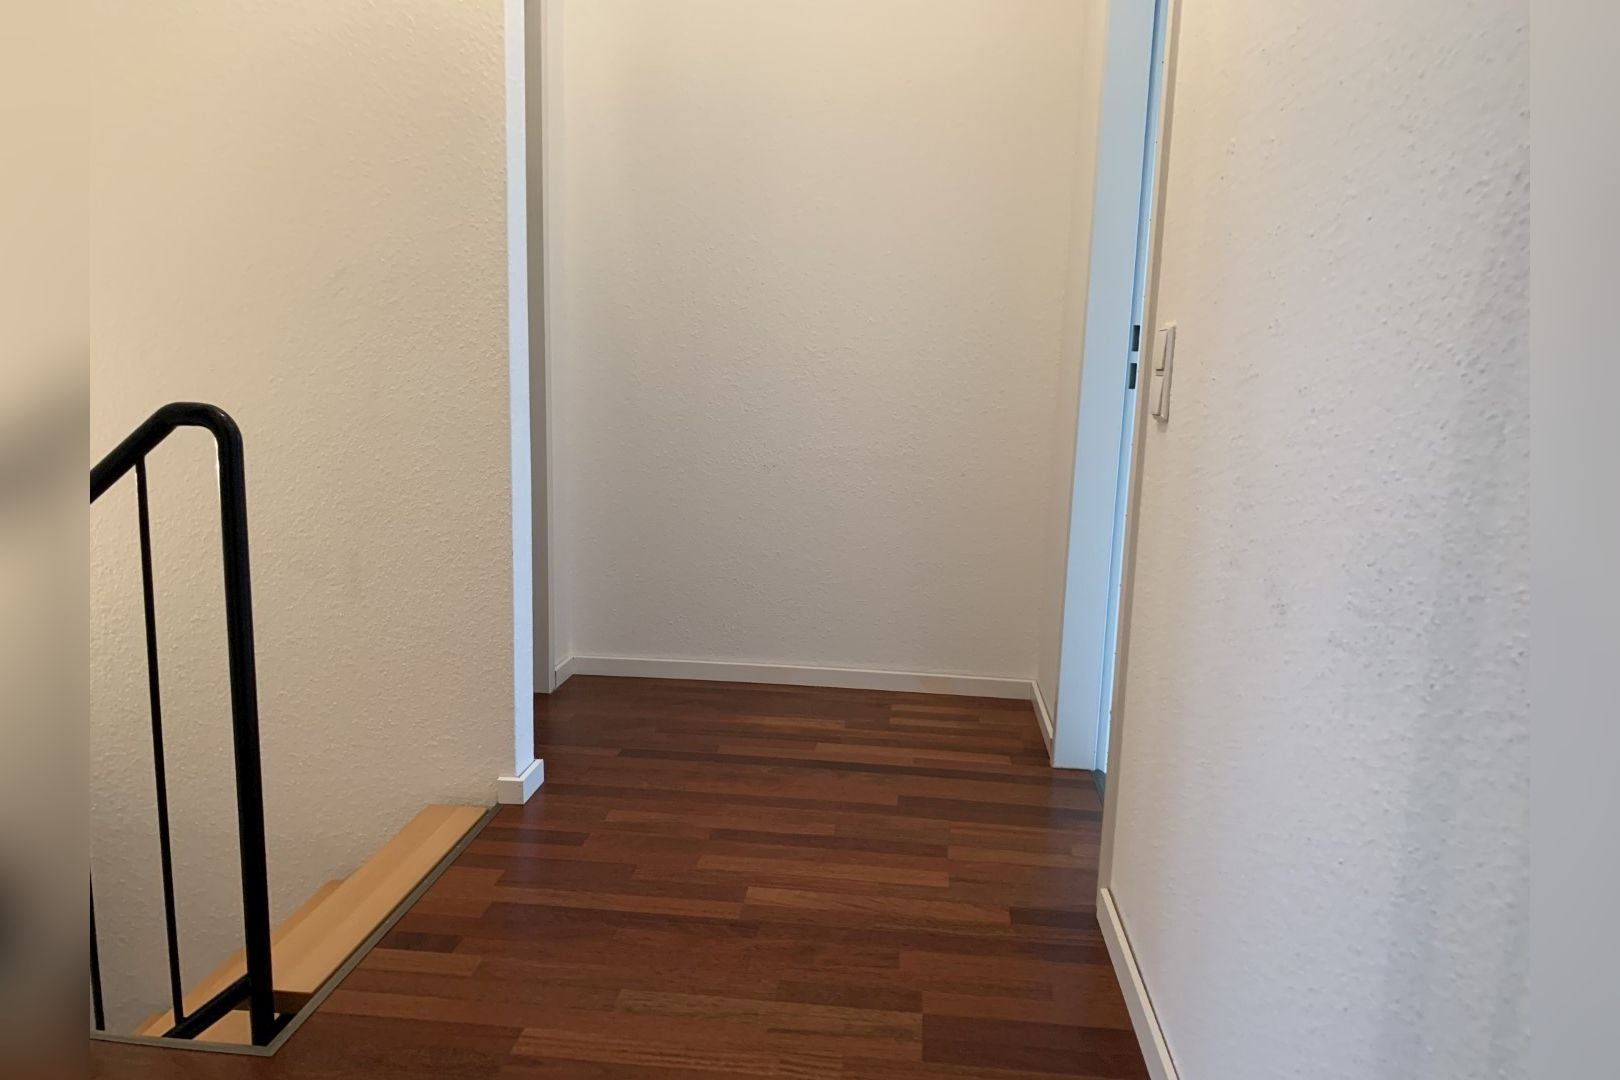 Immobilie Nr.0253 - 3-Zimmer-Maisonette-Wohnung  - Bild 14.jpg